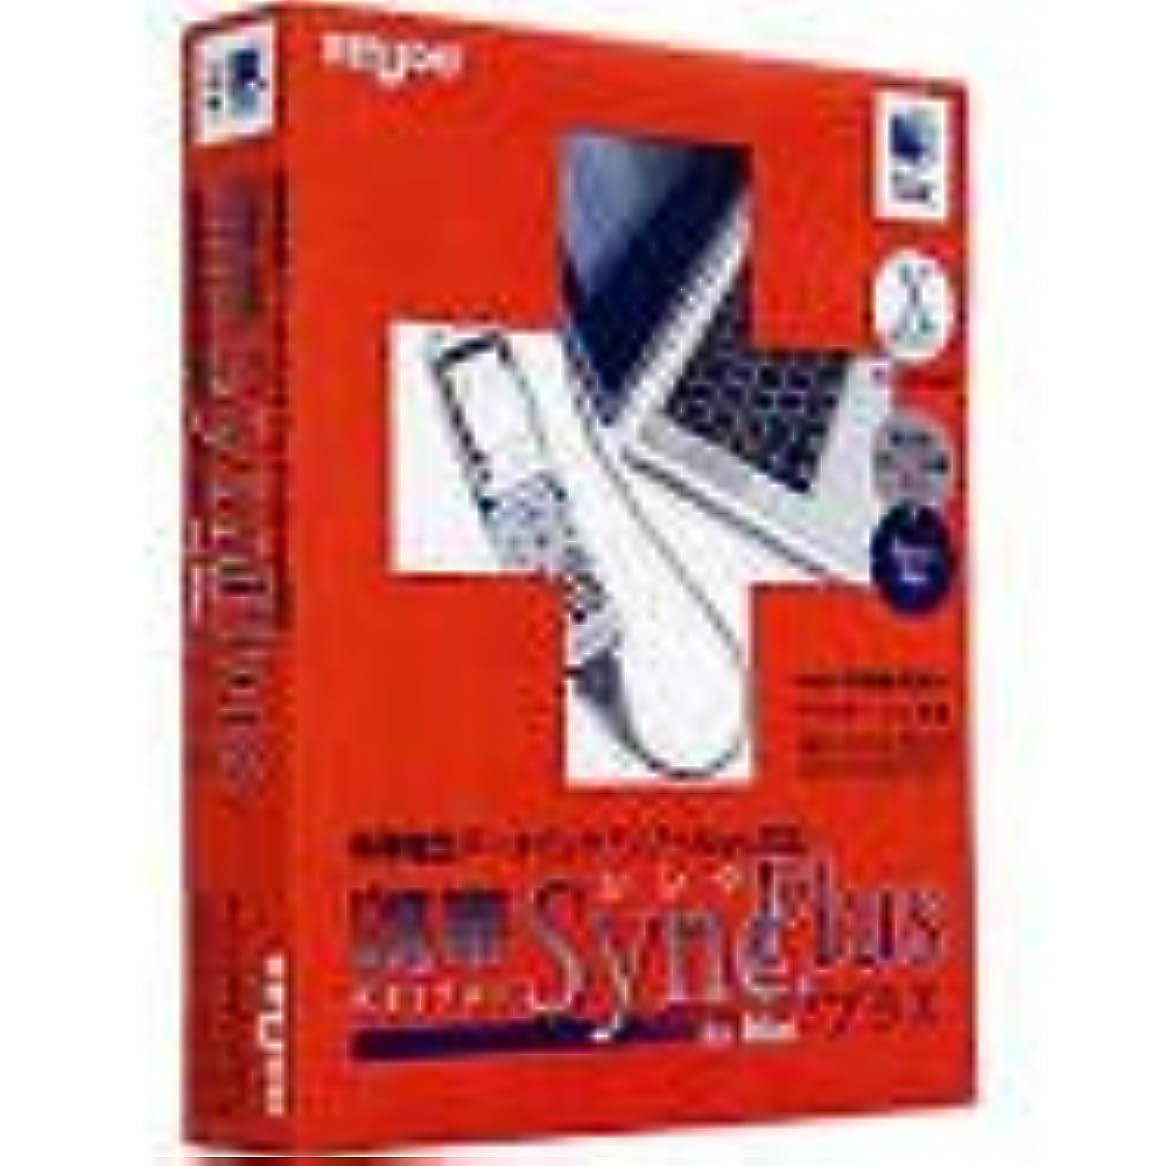 宿泊施設免除する支出携帯シンクPLUS for Mac OS X PDC-USBケーブルセット